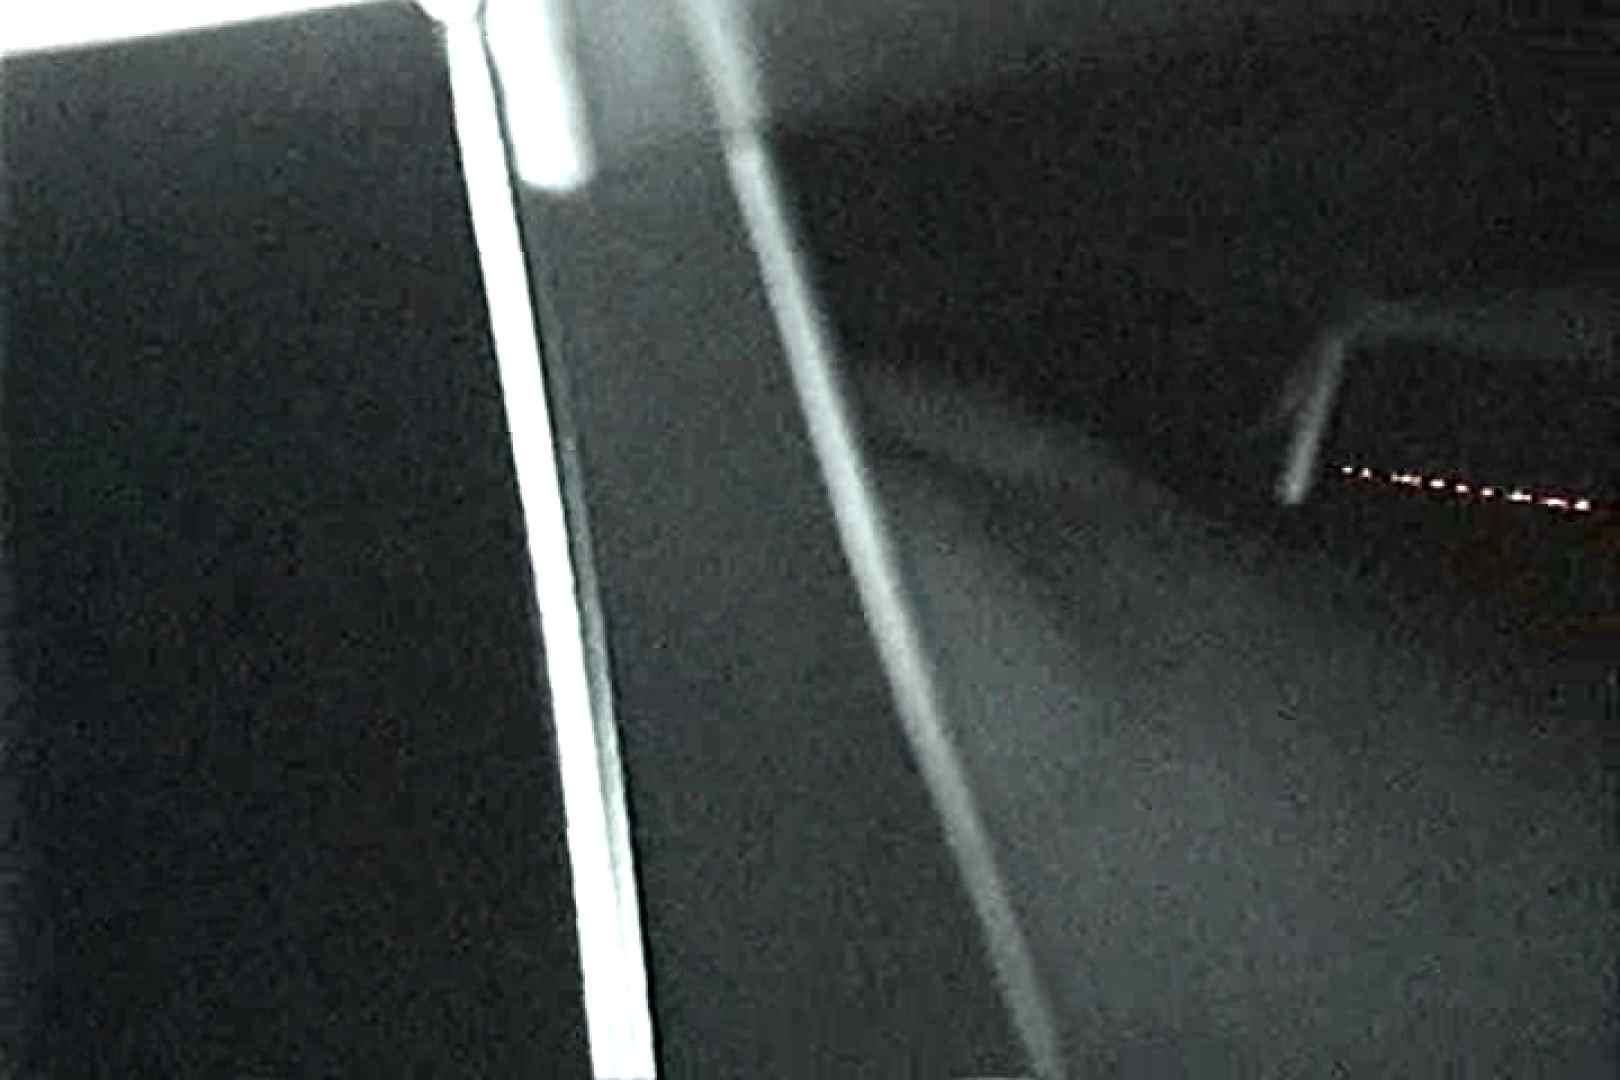 充血監督の深夜の運動会Vol.30 すけべなお姉さん 盗撮動画紹介 86画像 12